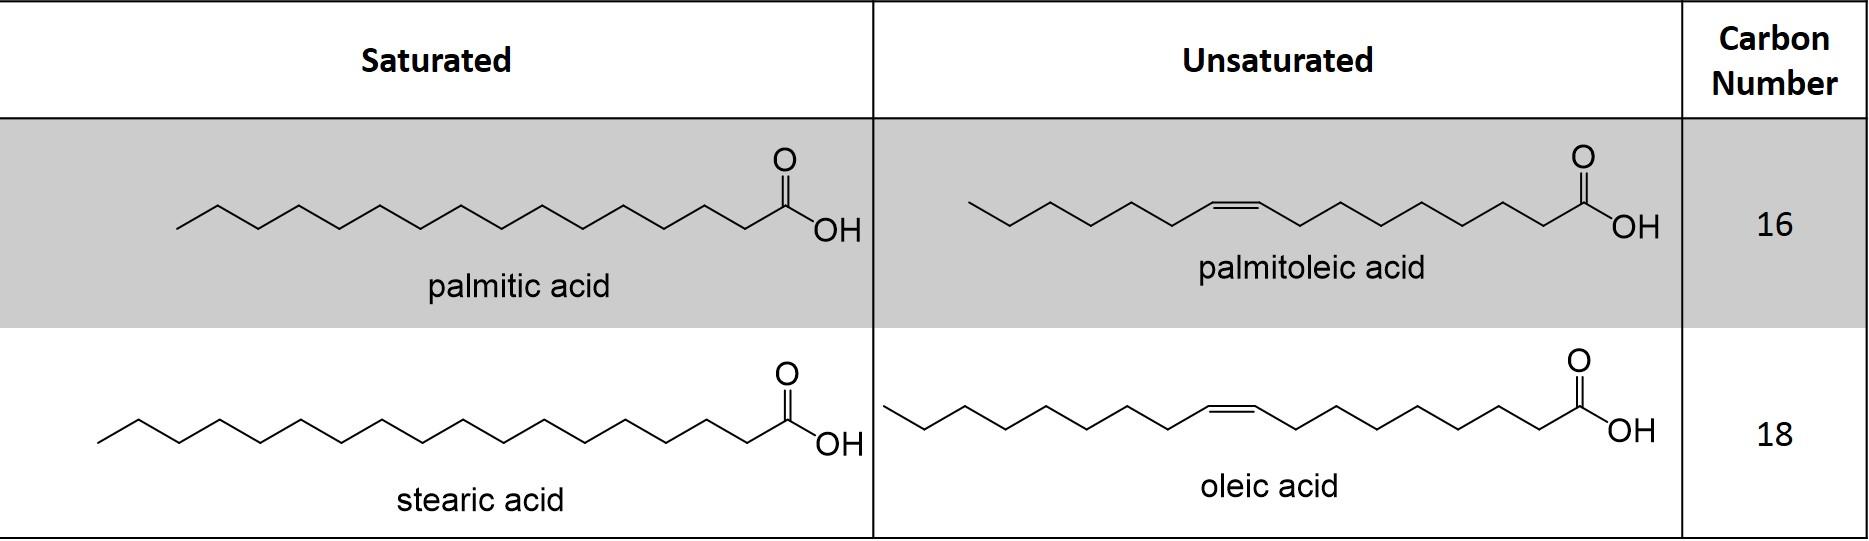 Lipid Figure 2